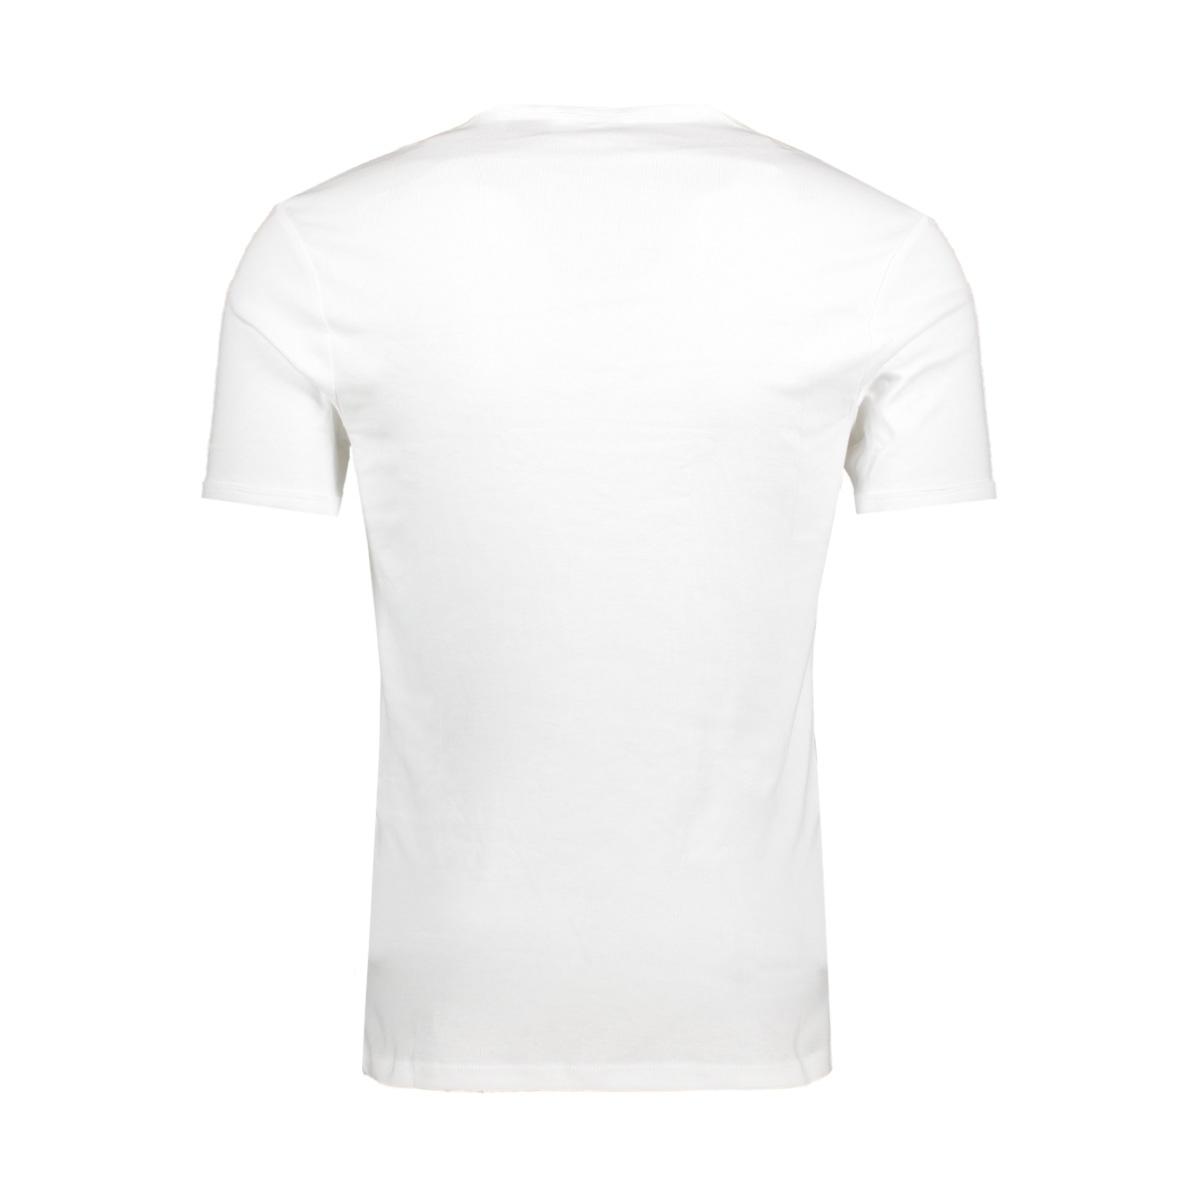 G-Star g-star basic v hals t-shirt 2 pack